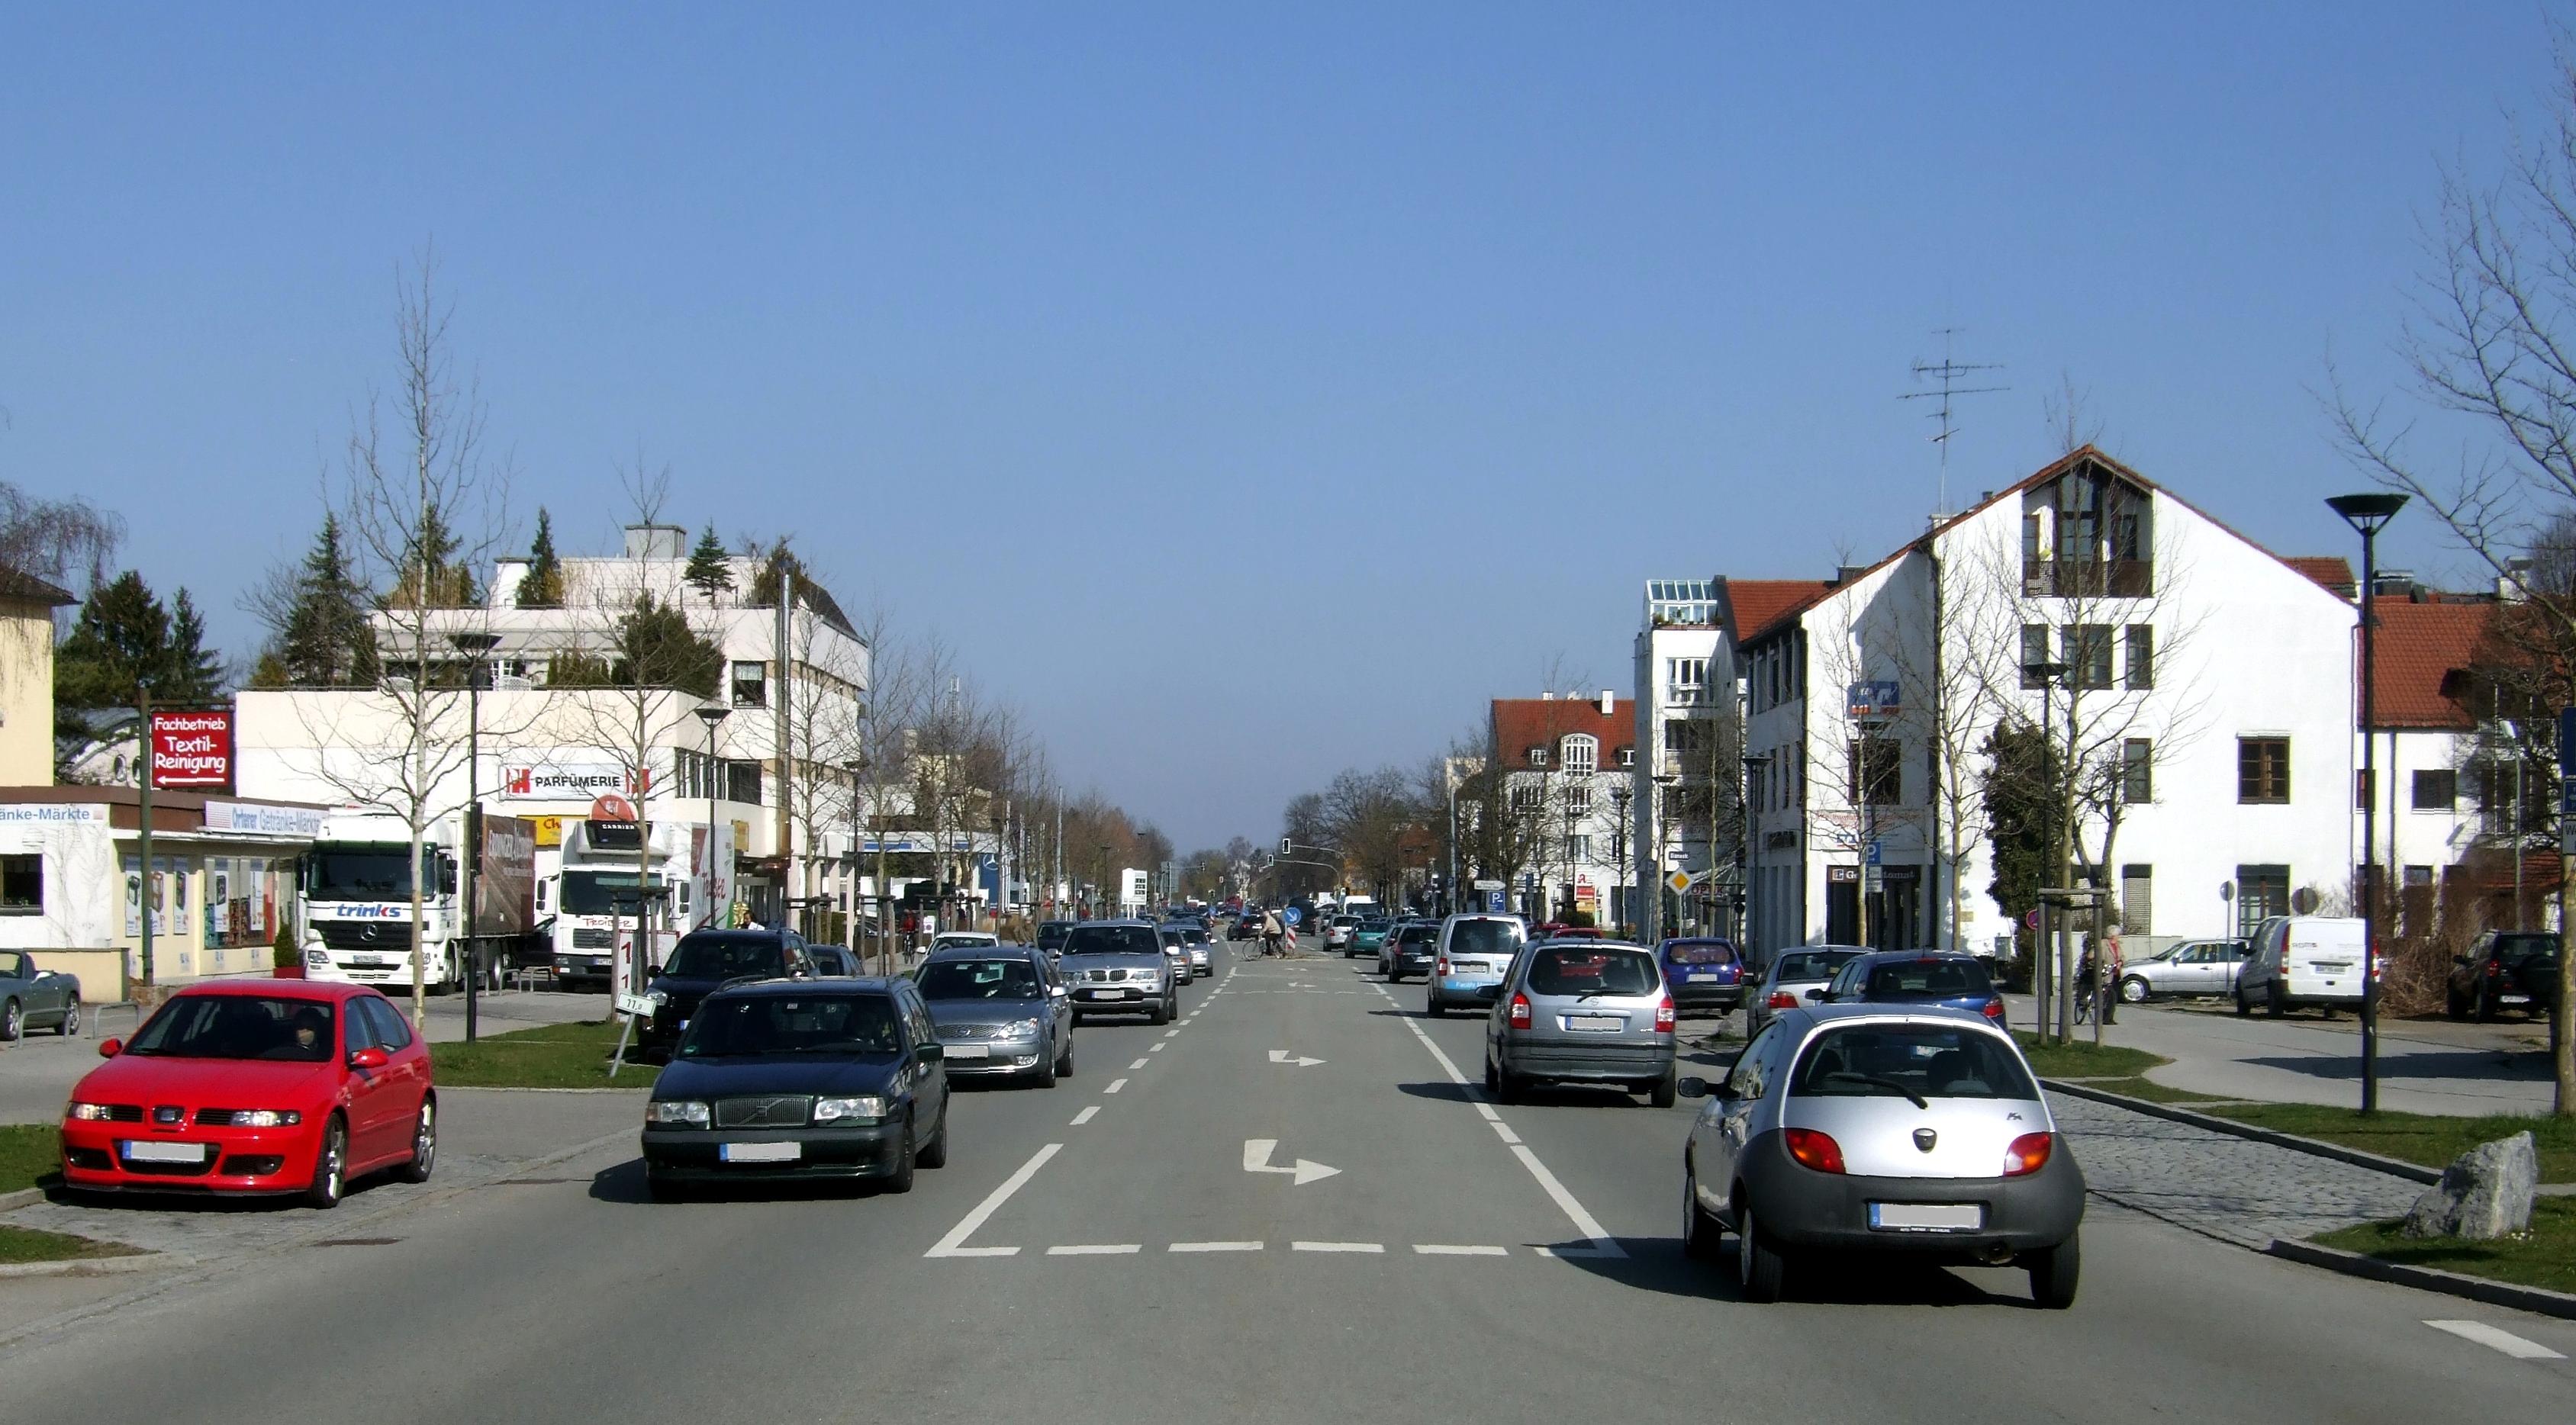 Fileottobrunn Rosenheimer Landstrase Jpg